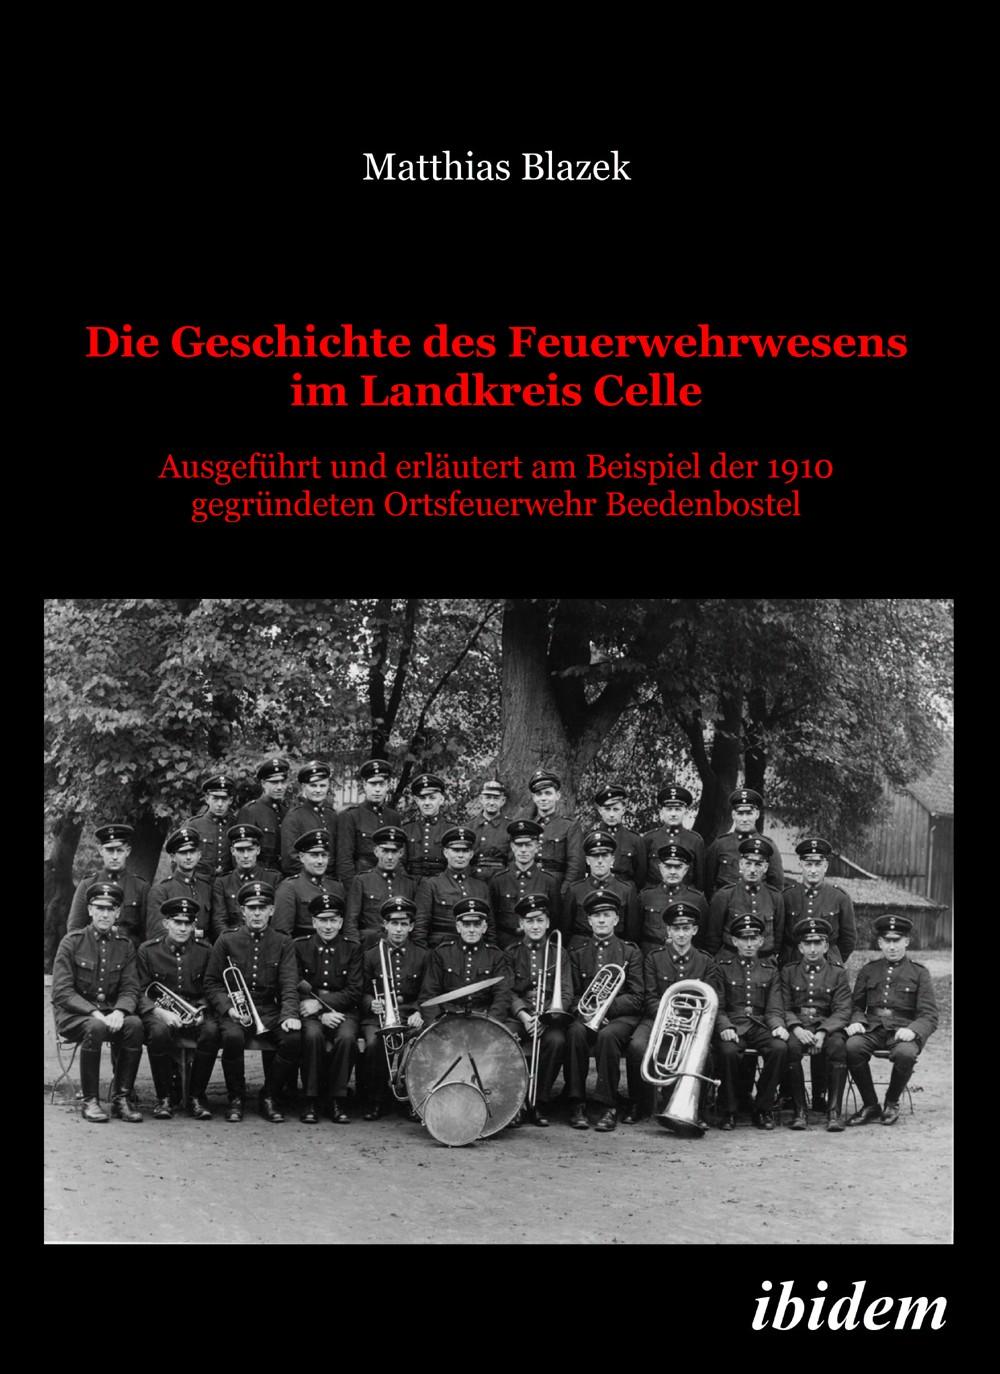 Die Geschichte des Feuerwehrwesens im Landkreis Celle